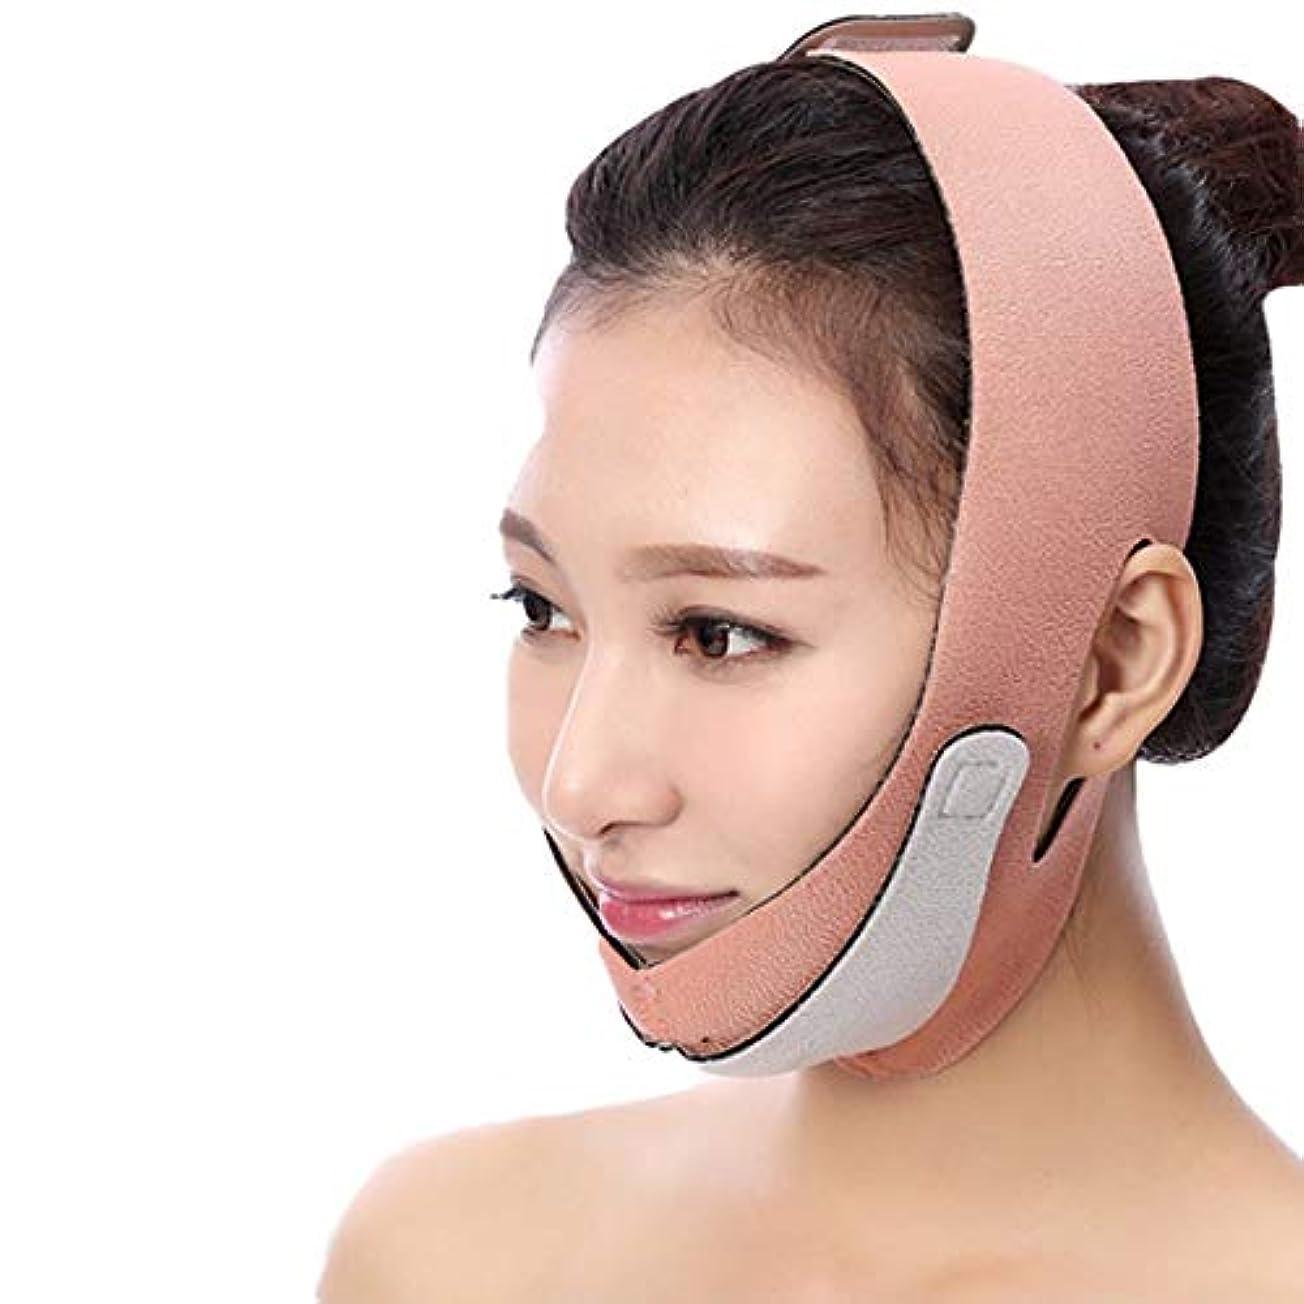 急速な体現する出会いZWBD フェイスマスク, 調節可能なVのラインライン包帯の顔の二重あごの減量の包帯が付いている表面持ち上がる包帯の顔の細くのマスクの持ち上がる表面